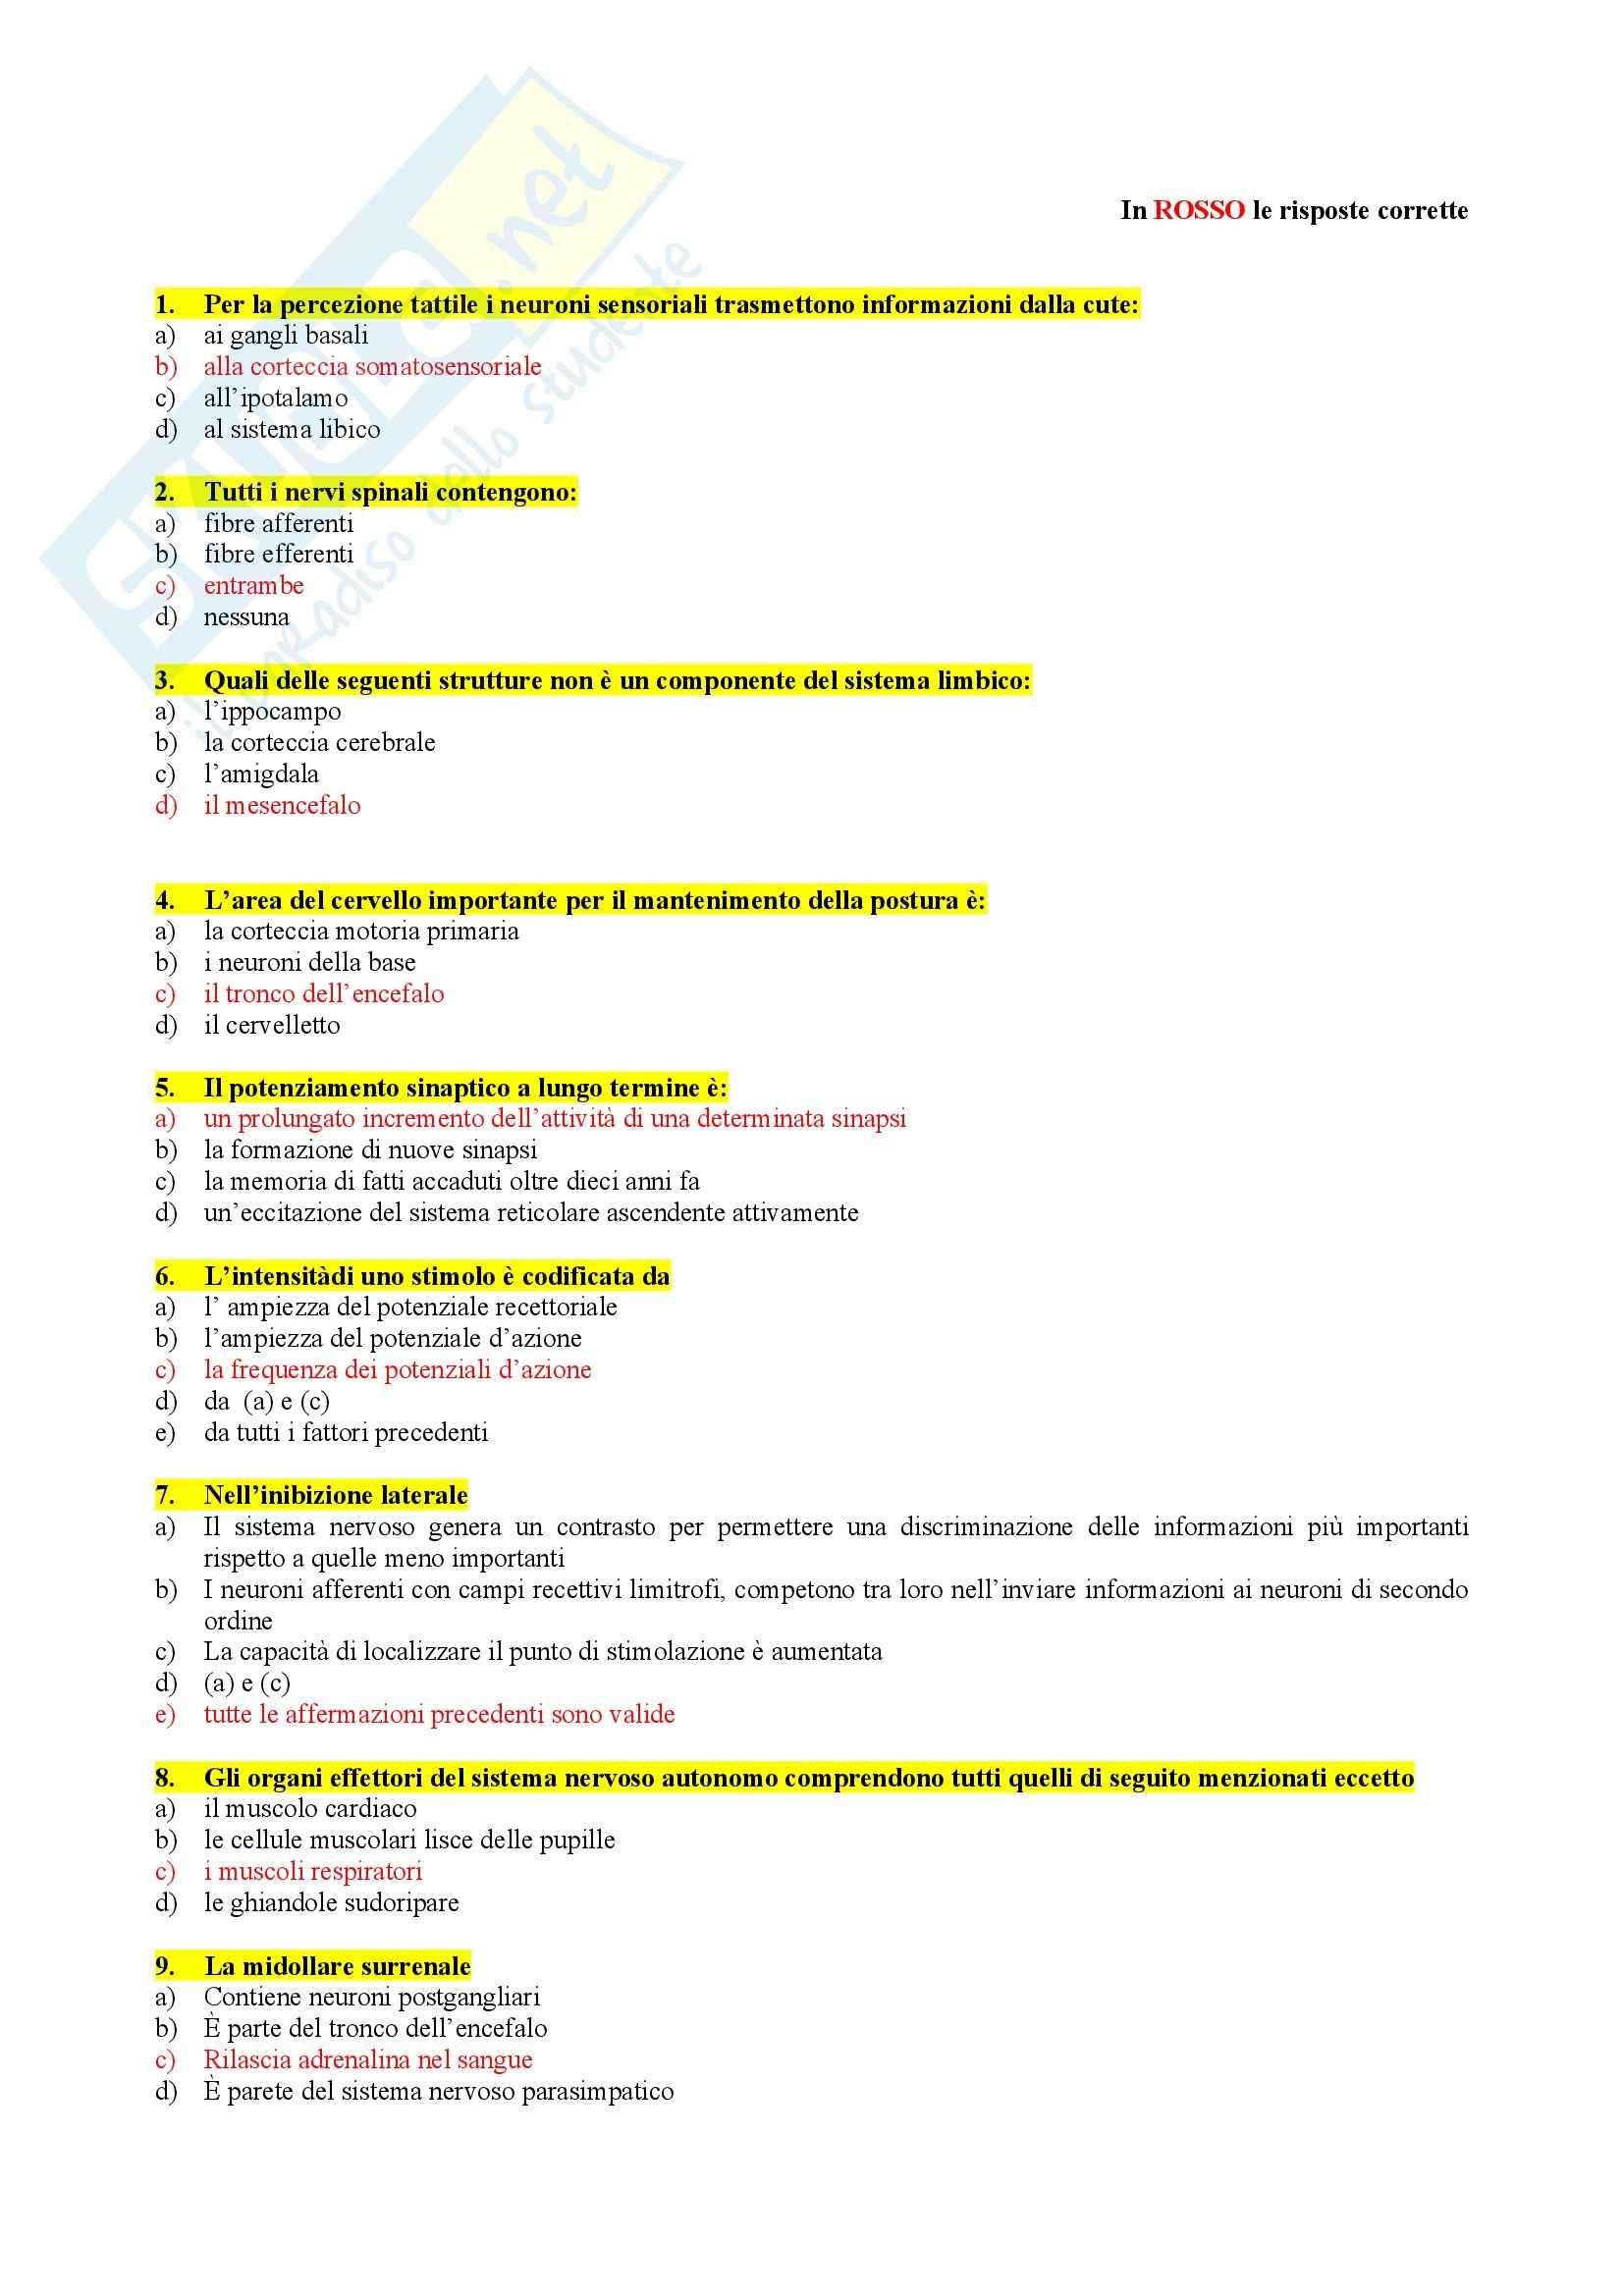 Fisiologia umana I - Test 2